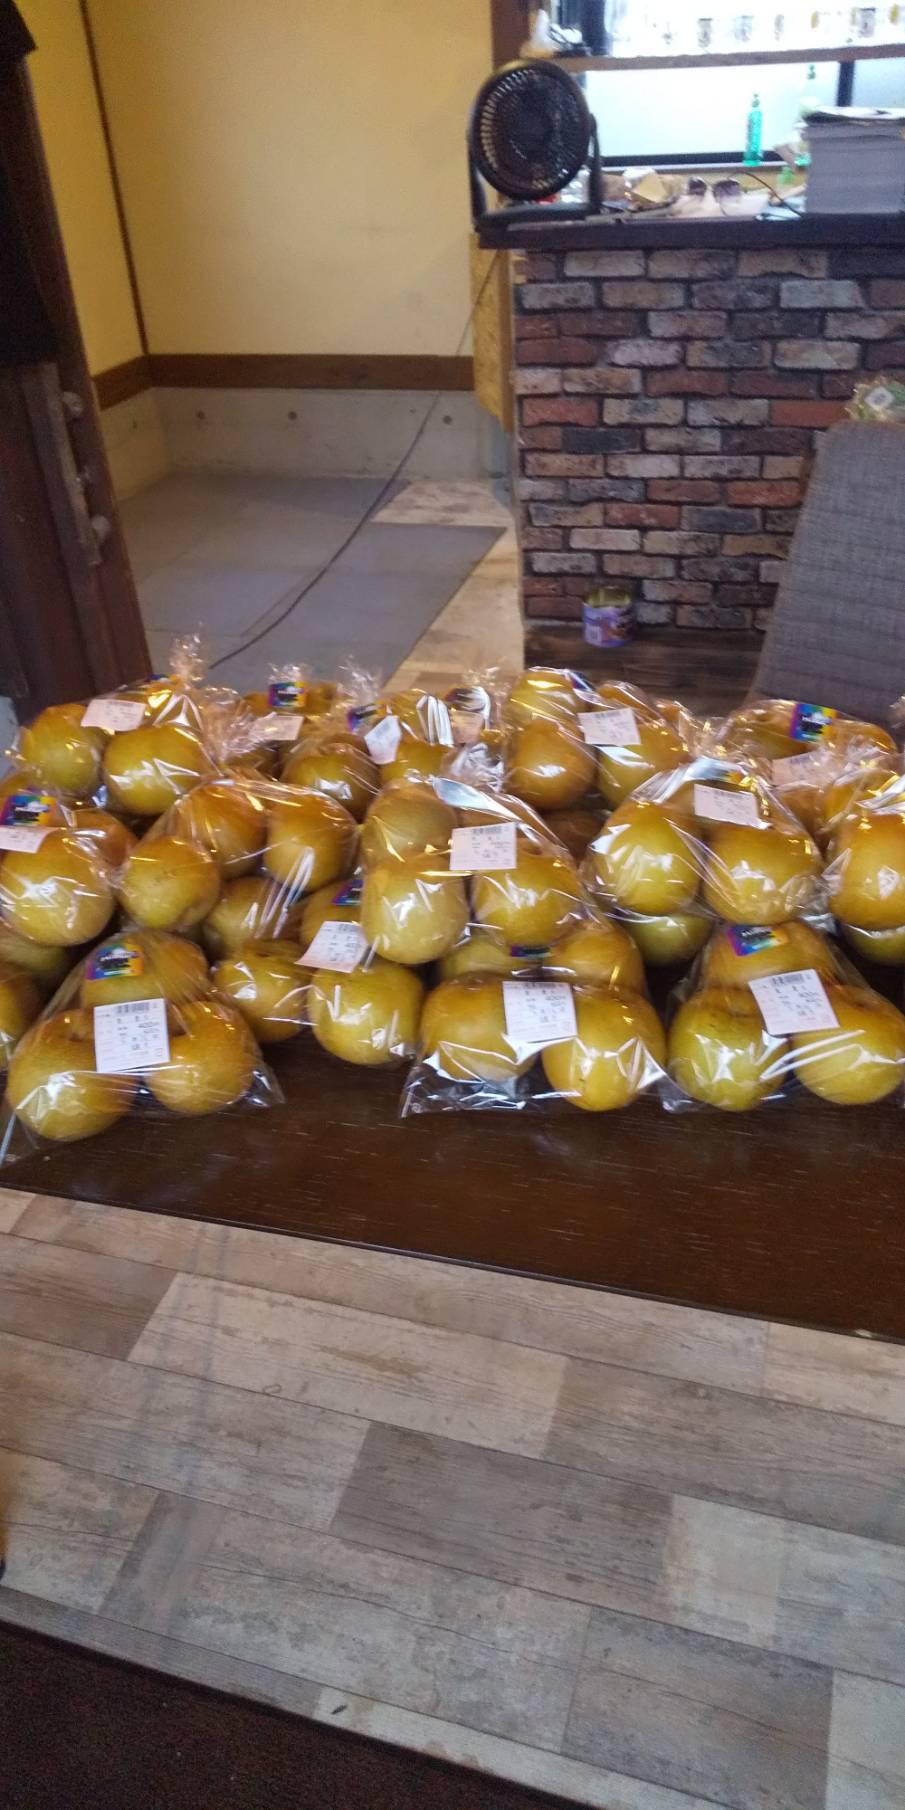 只今、甘みが強く優しい酸味。果汁たっぷりの豊水販売中です!